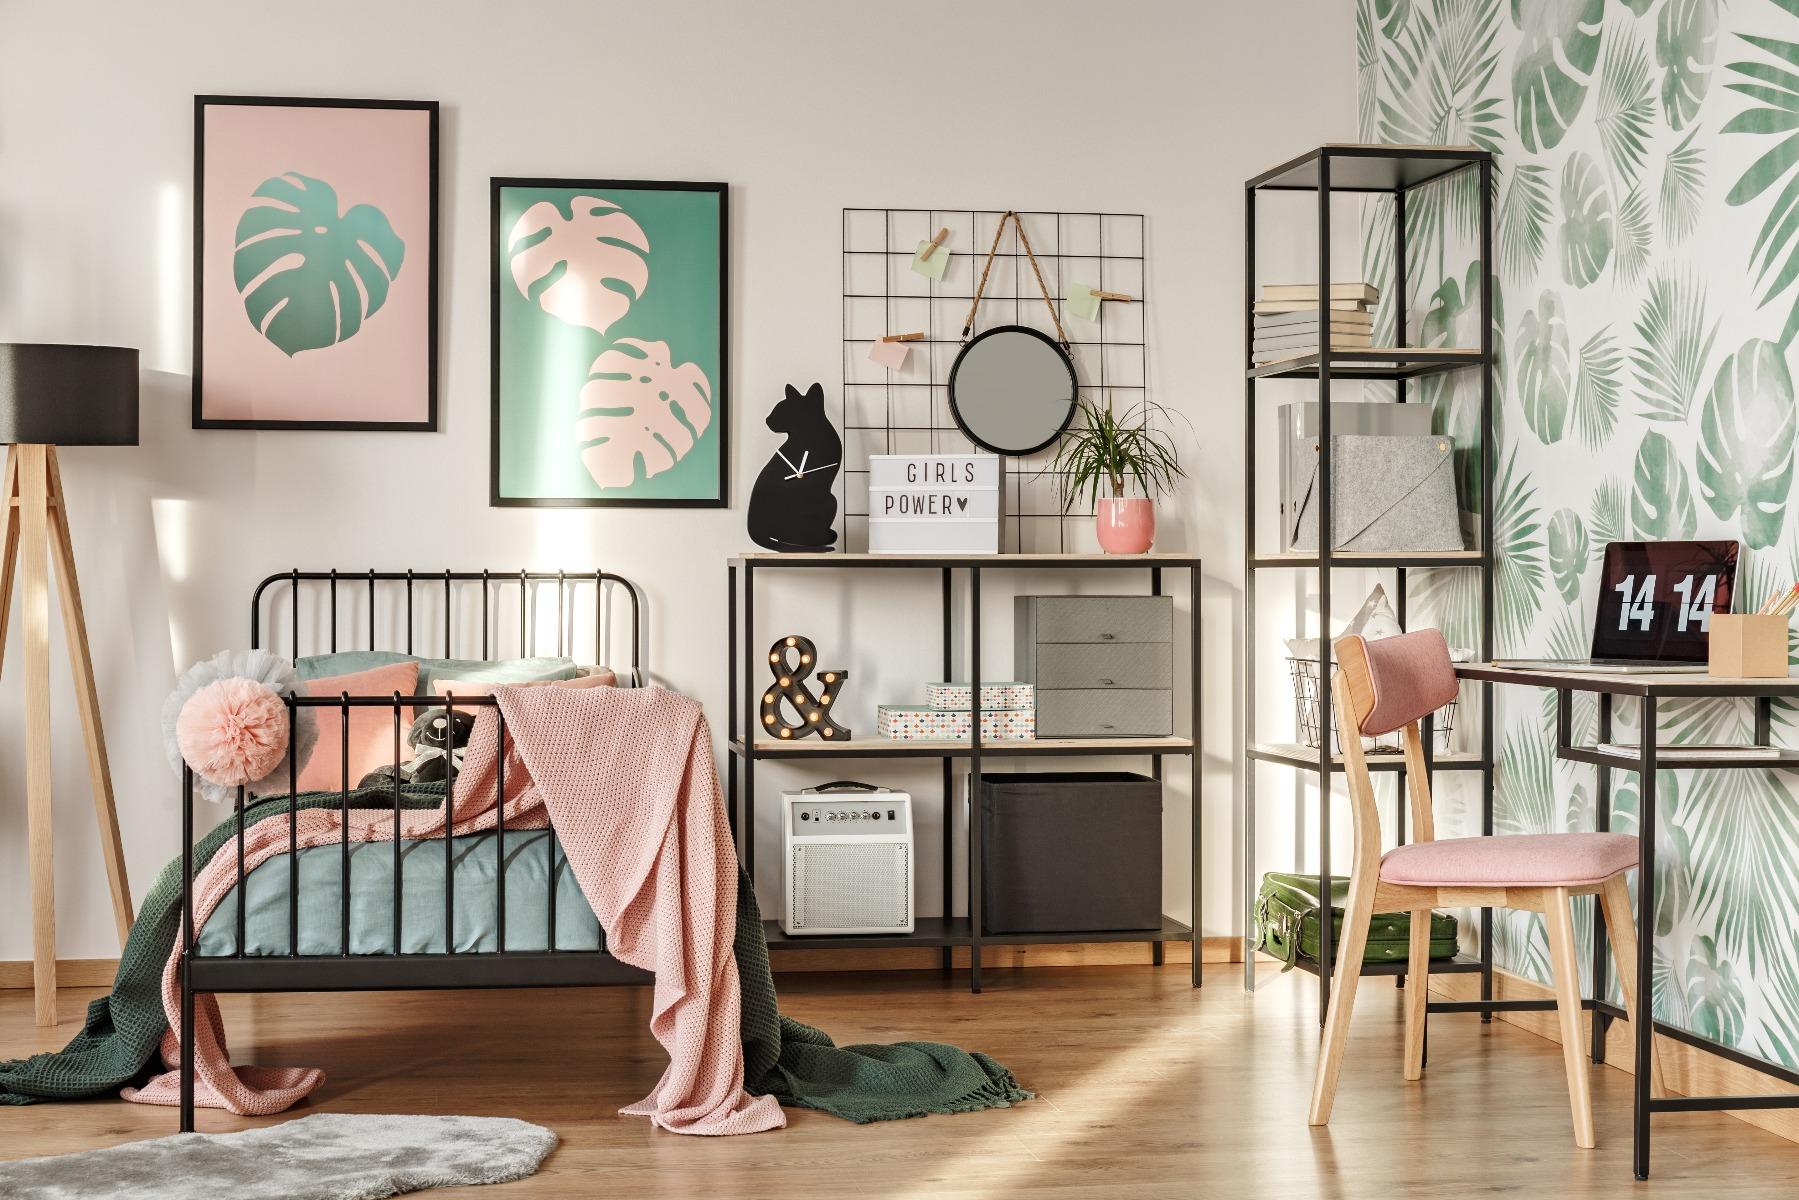 Das Bild zeigt die Wandgestaltung in einem Jugendzimmer.